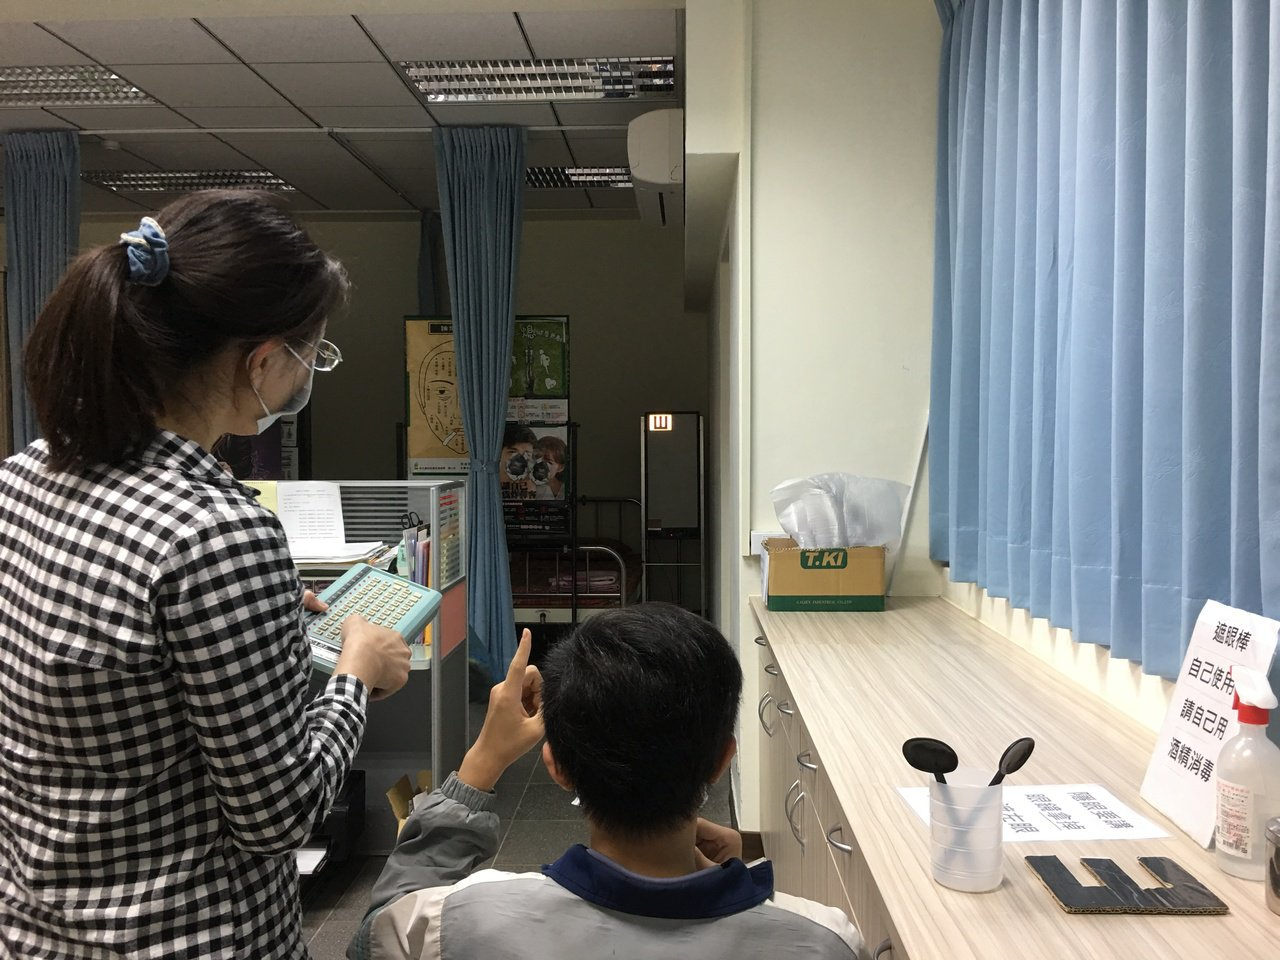 新學期開始,學校陸續施行學生健檢,據107學年度數據顯示,桃市國中小學生視力不良...